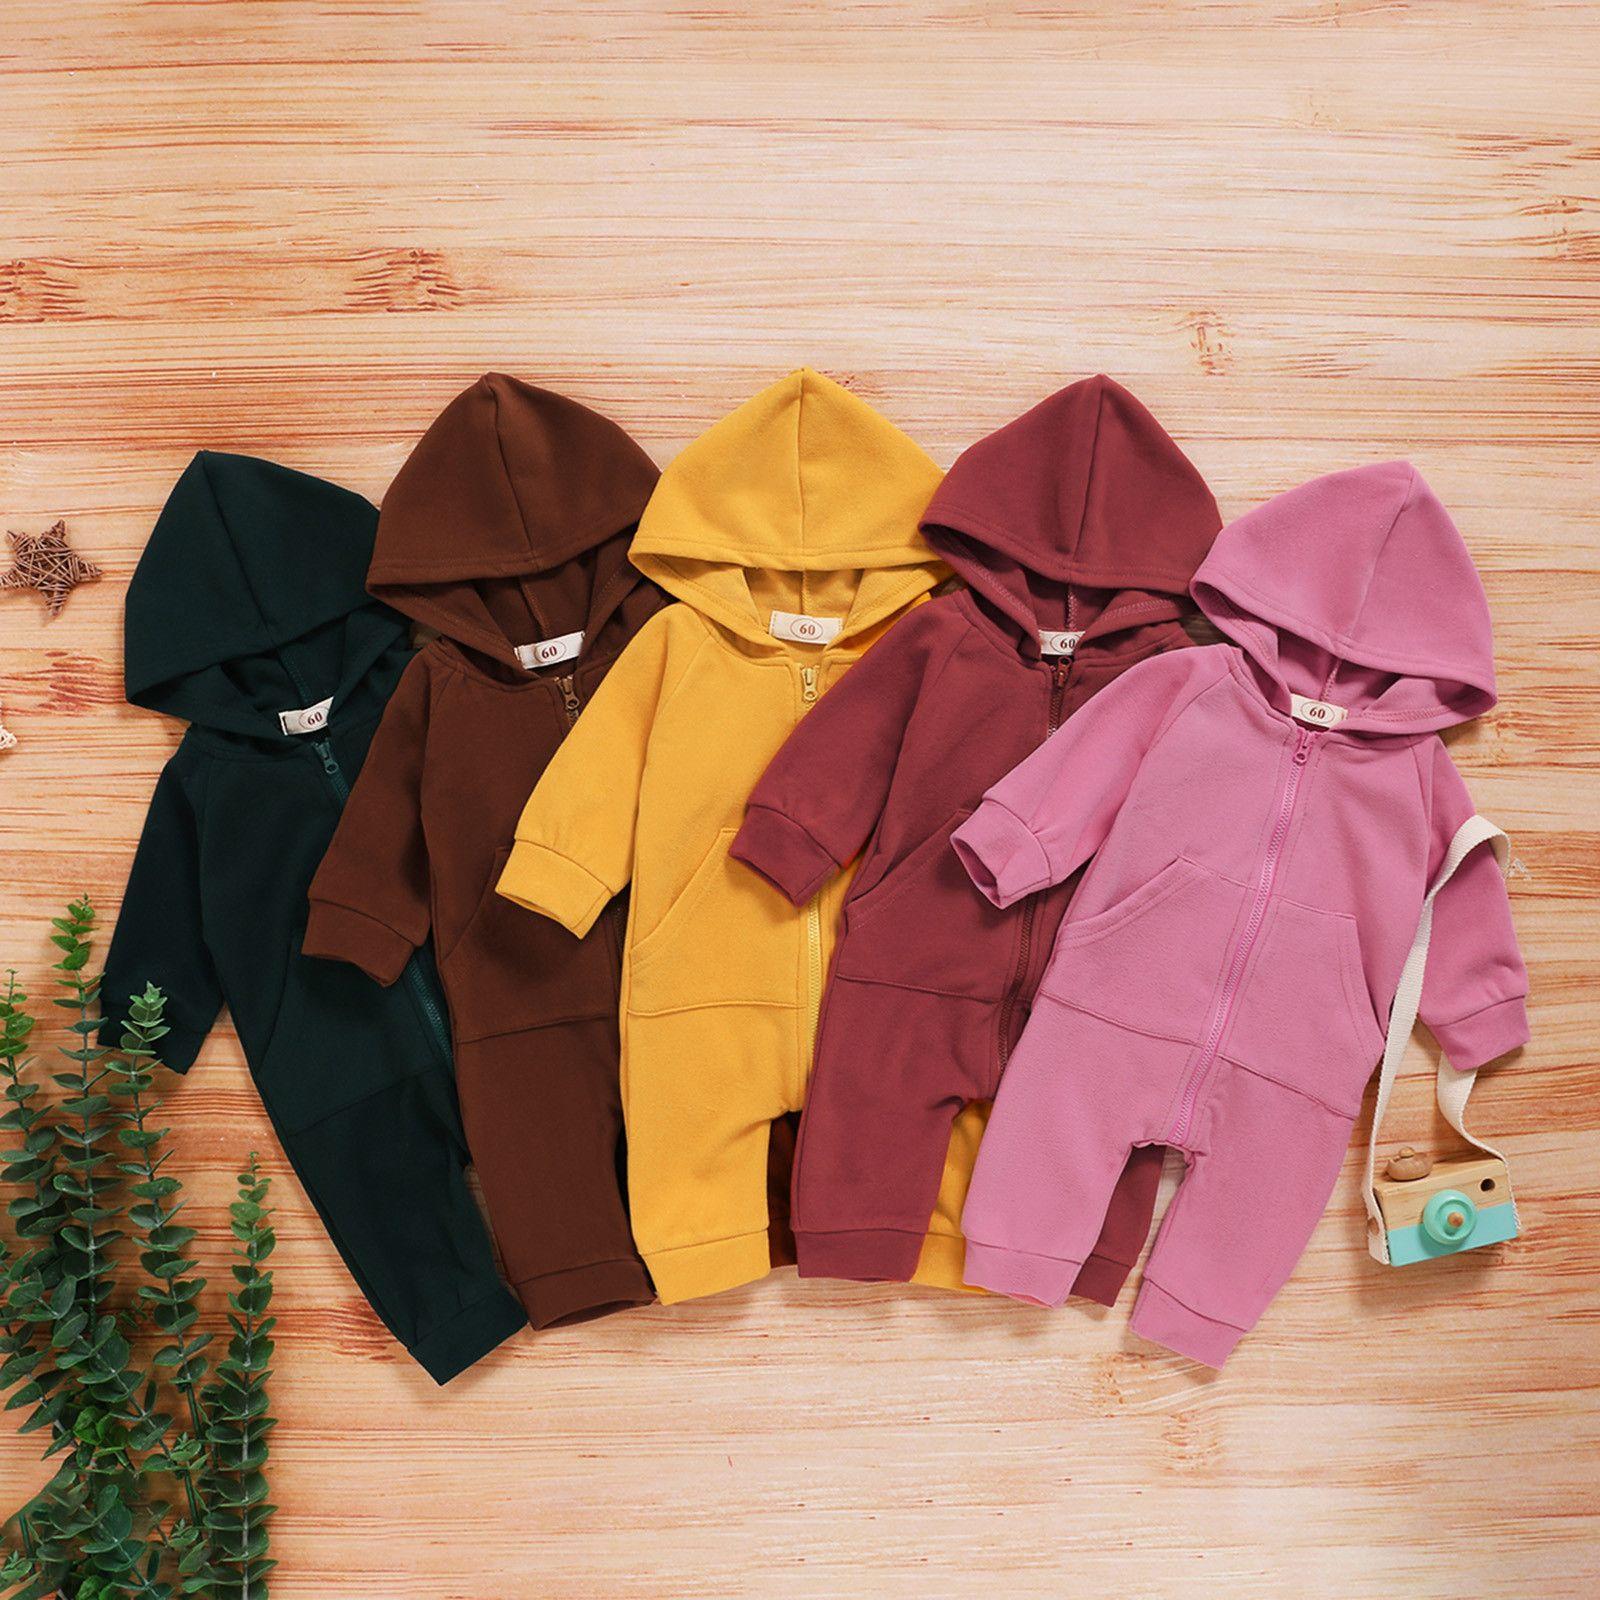 Новорожденных мальчиков девочки костюм малышей Мальчики Девочки с длинным рукавом Толстовка Solid Romper младенец комбинезона детей»Одежда для нарядах набор 1021